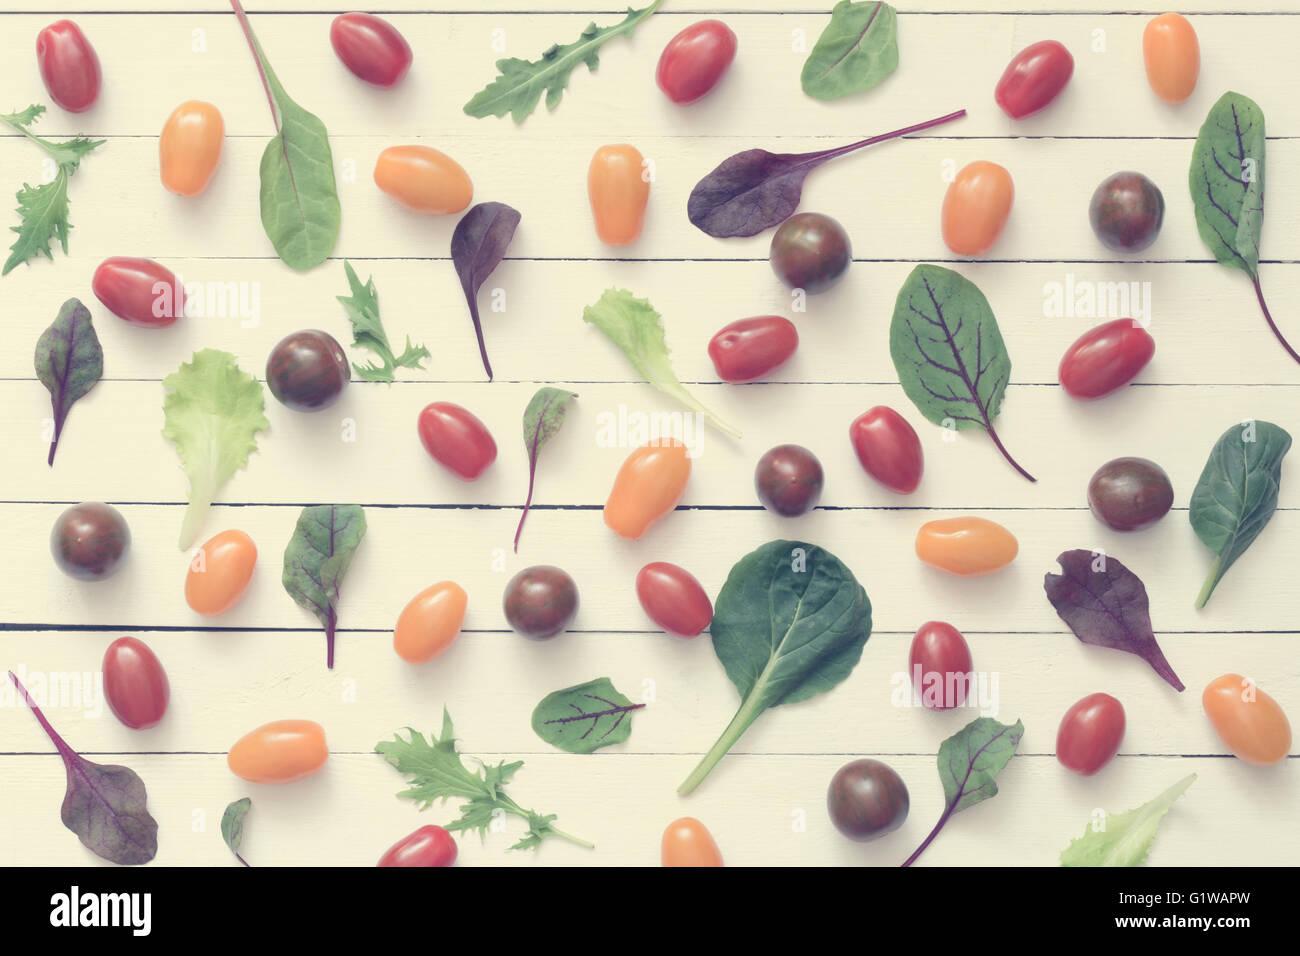 Mise à plat de l'alimentation. Schéma des verts frais et légumes sur fond de bois blanc. Concept Photo Stock